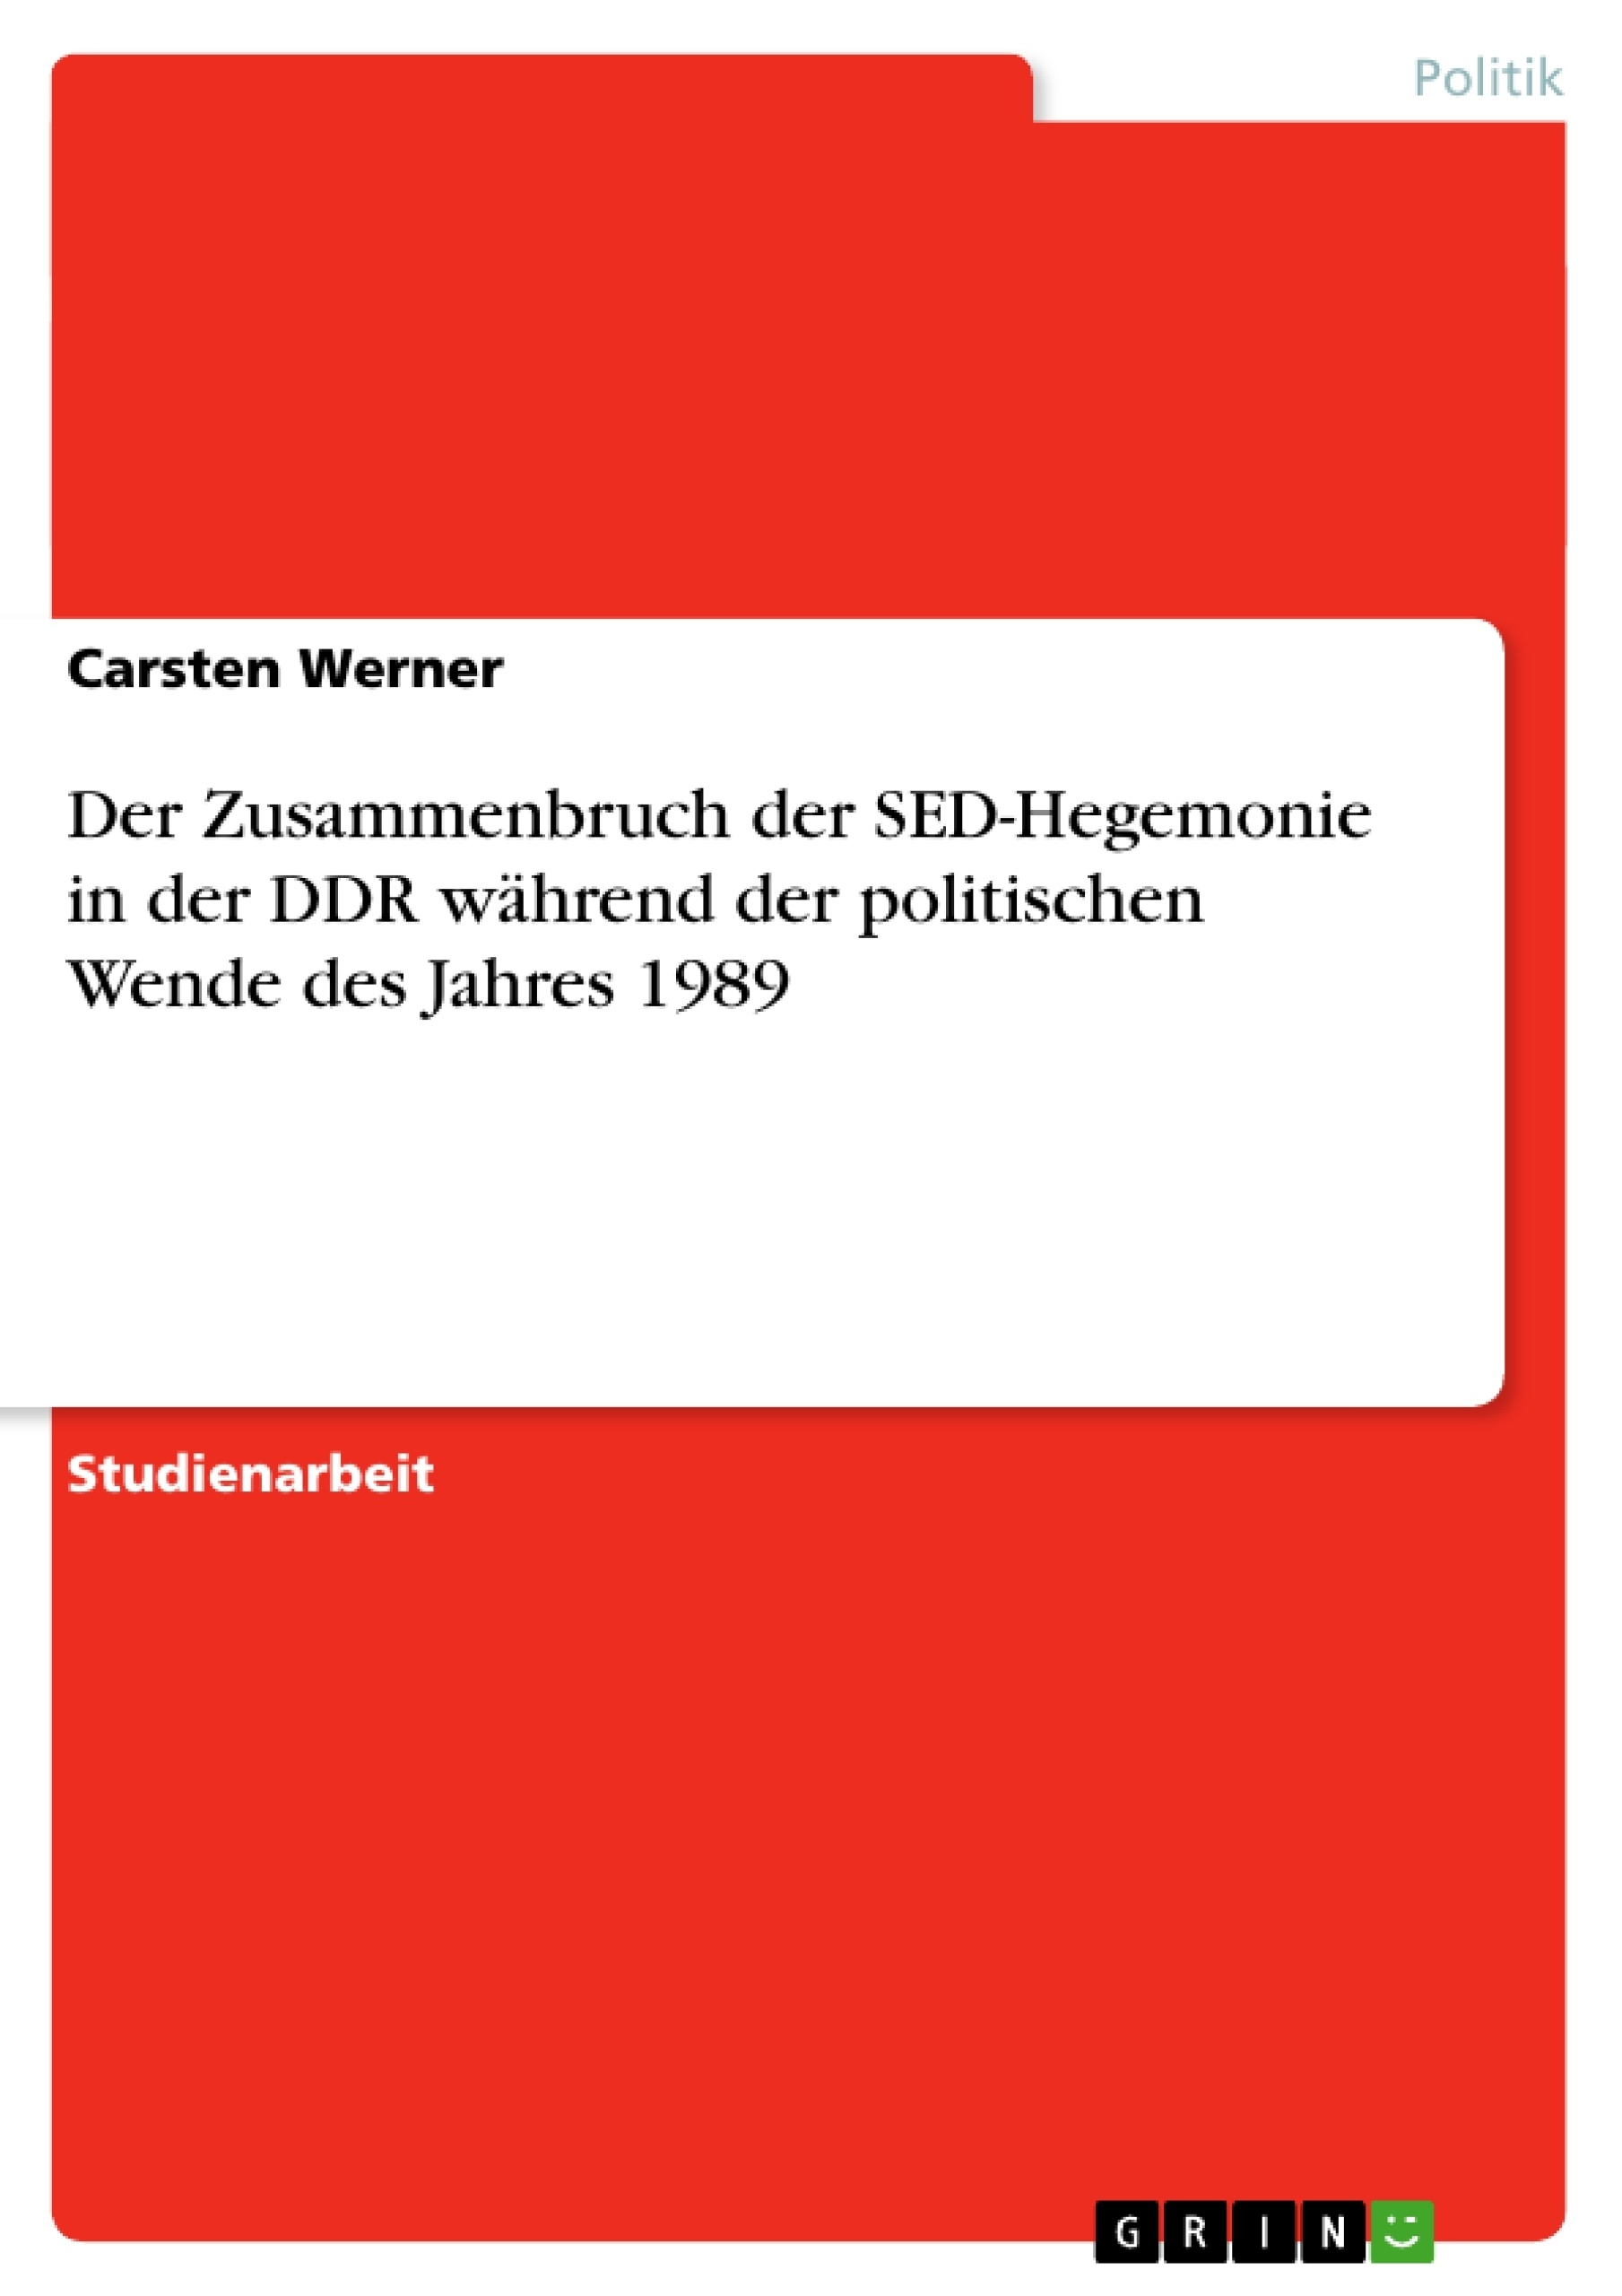 Titel: Der Zusammenbruch der SED-Hegemonie in der DDR während der politischen Wende des Jahres 1989